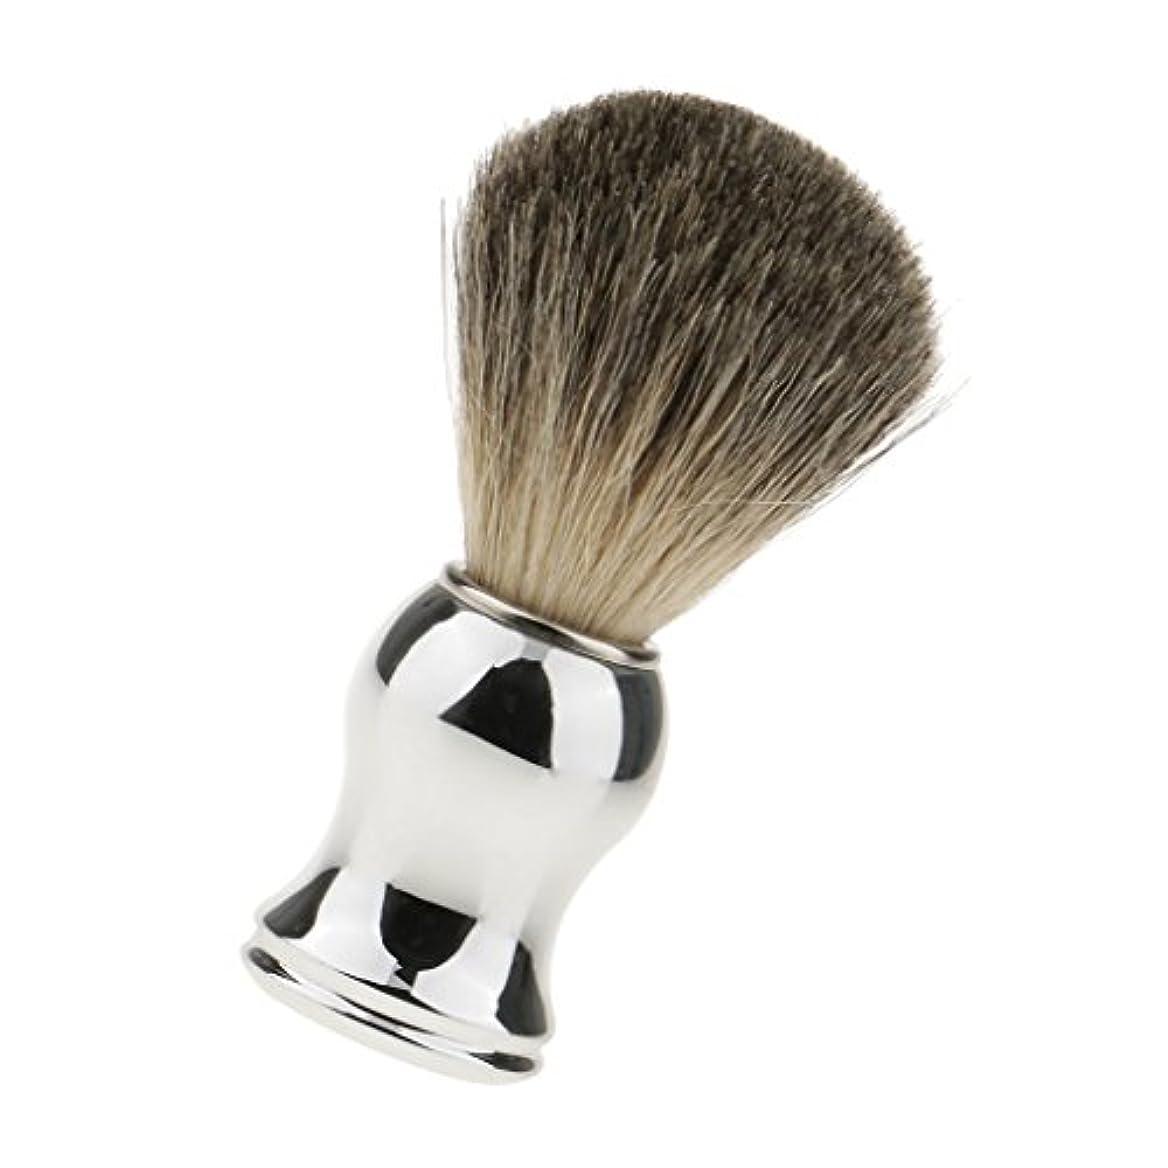 の前でファーザーファージュきゅうりシェービング用ブラシ 人工毛 メンズ 理容 洗顔 髭剃り 泡立ち 11.2cm 全2色 - シルバーハンドル